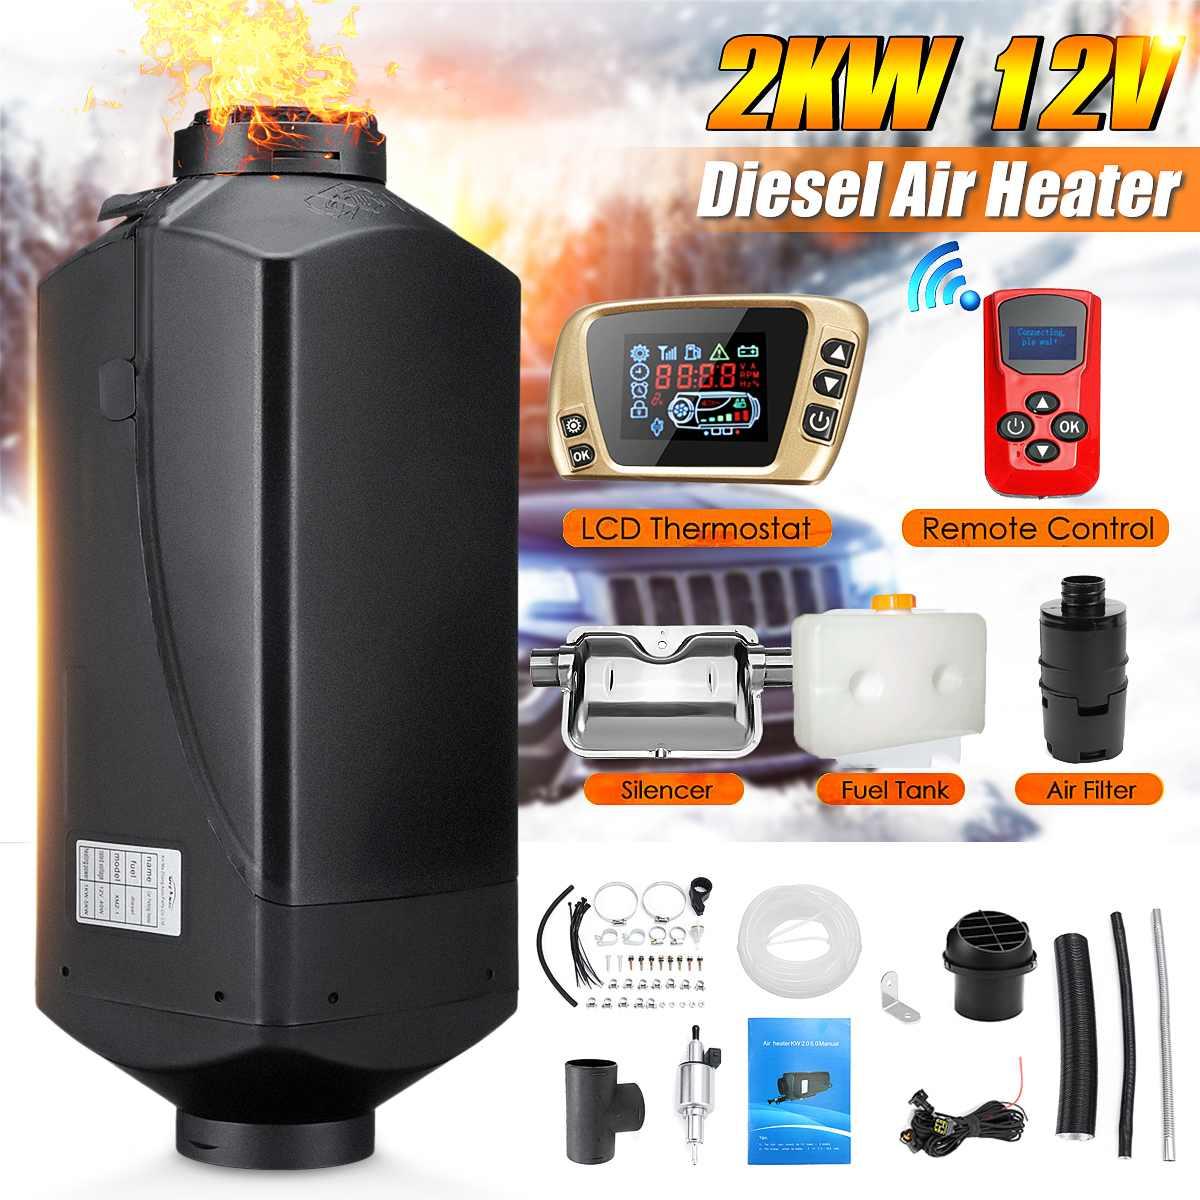 12V 2kw Diesels chauffage par Air chauffage par Air interrupteur LCD avec silencieux et télécommande pour camions bateaux voiture remorque chauffage